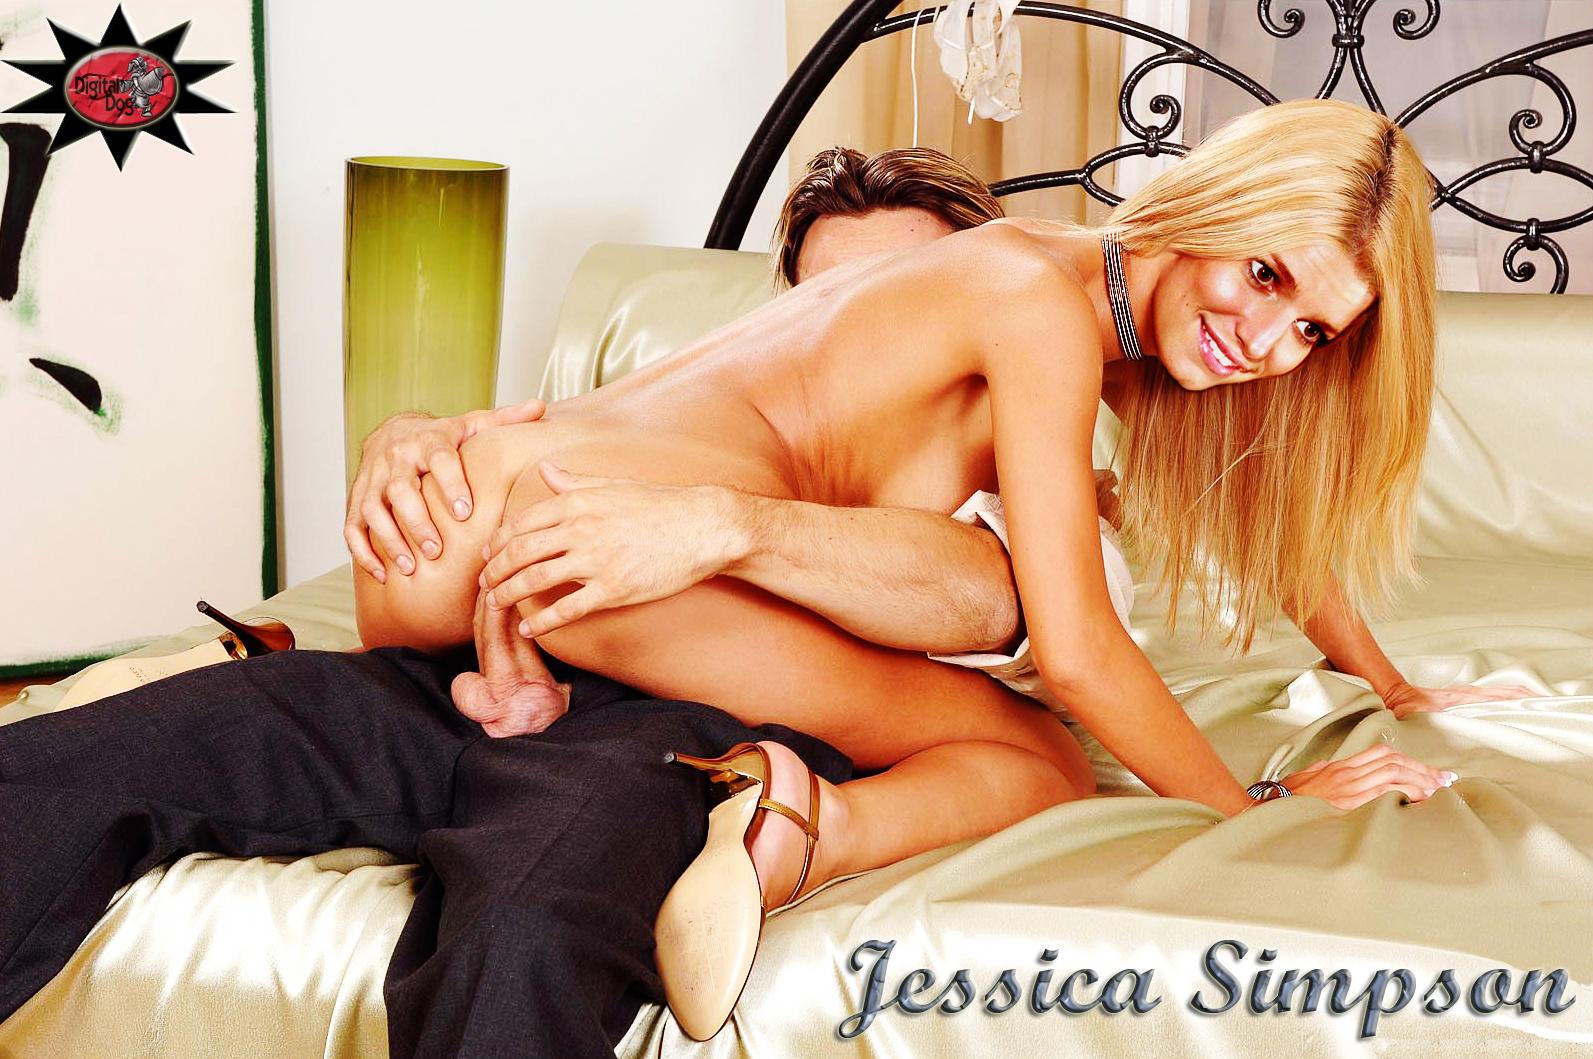 Симпсон джесика в порно онлаин 7 фотография